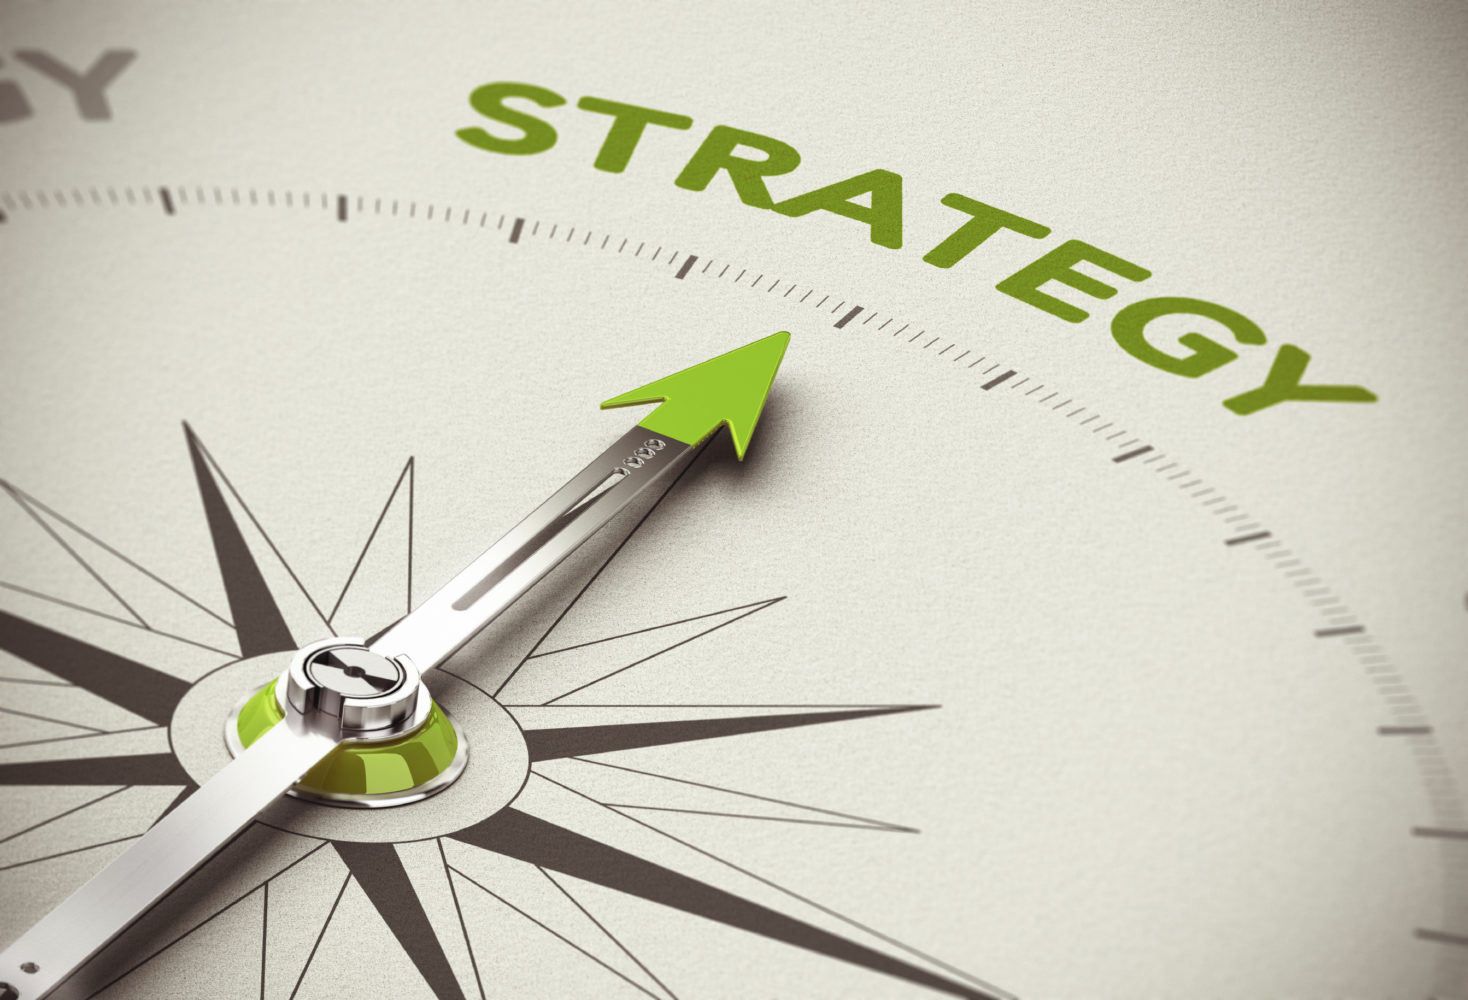 stretegi bisnis